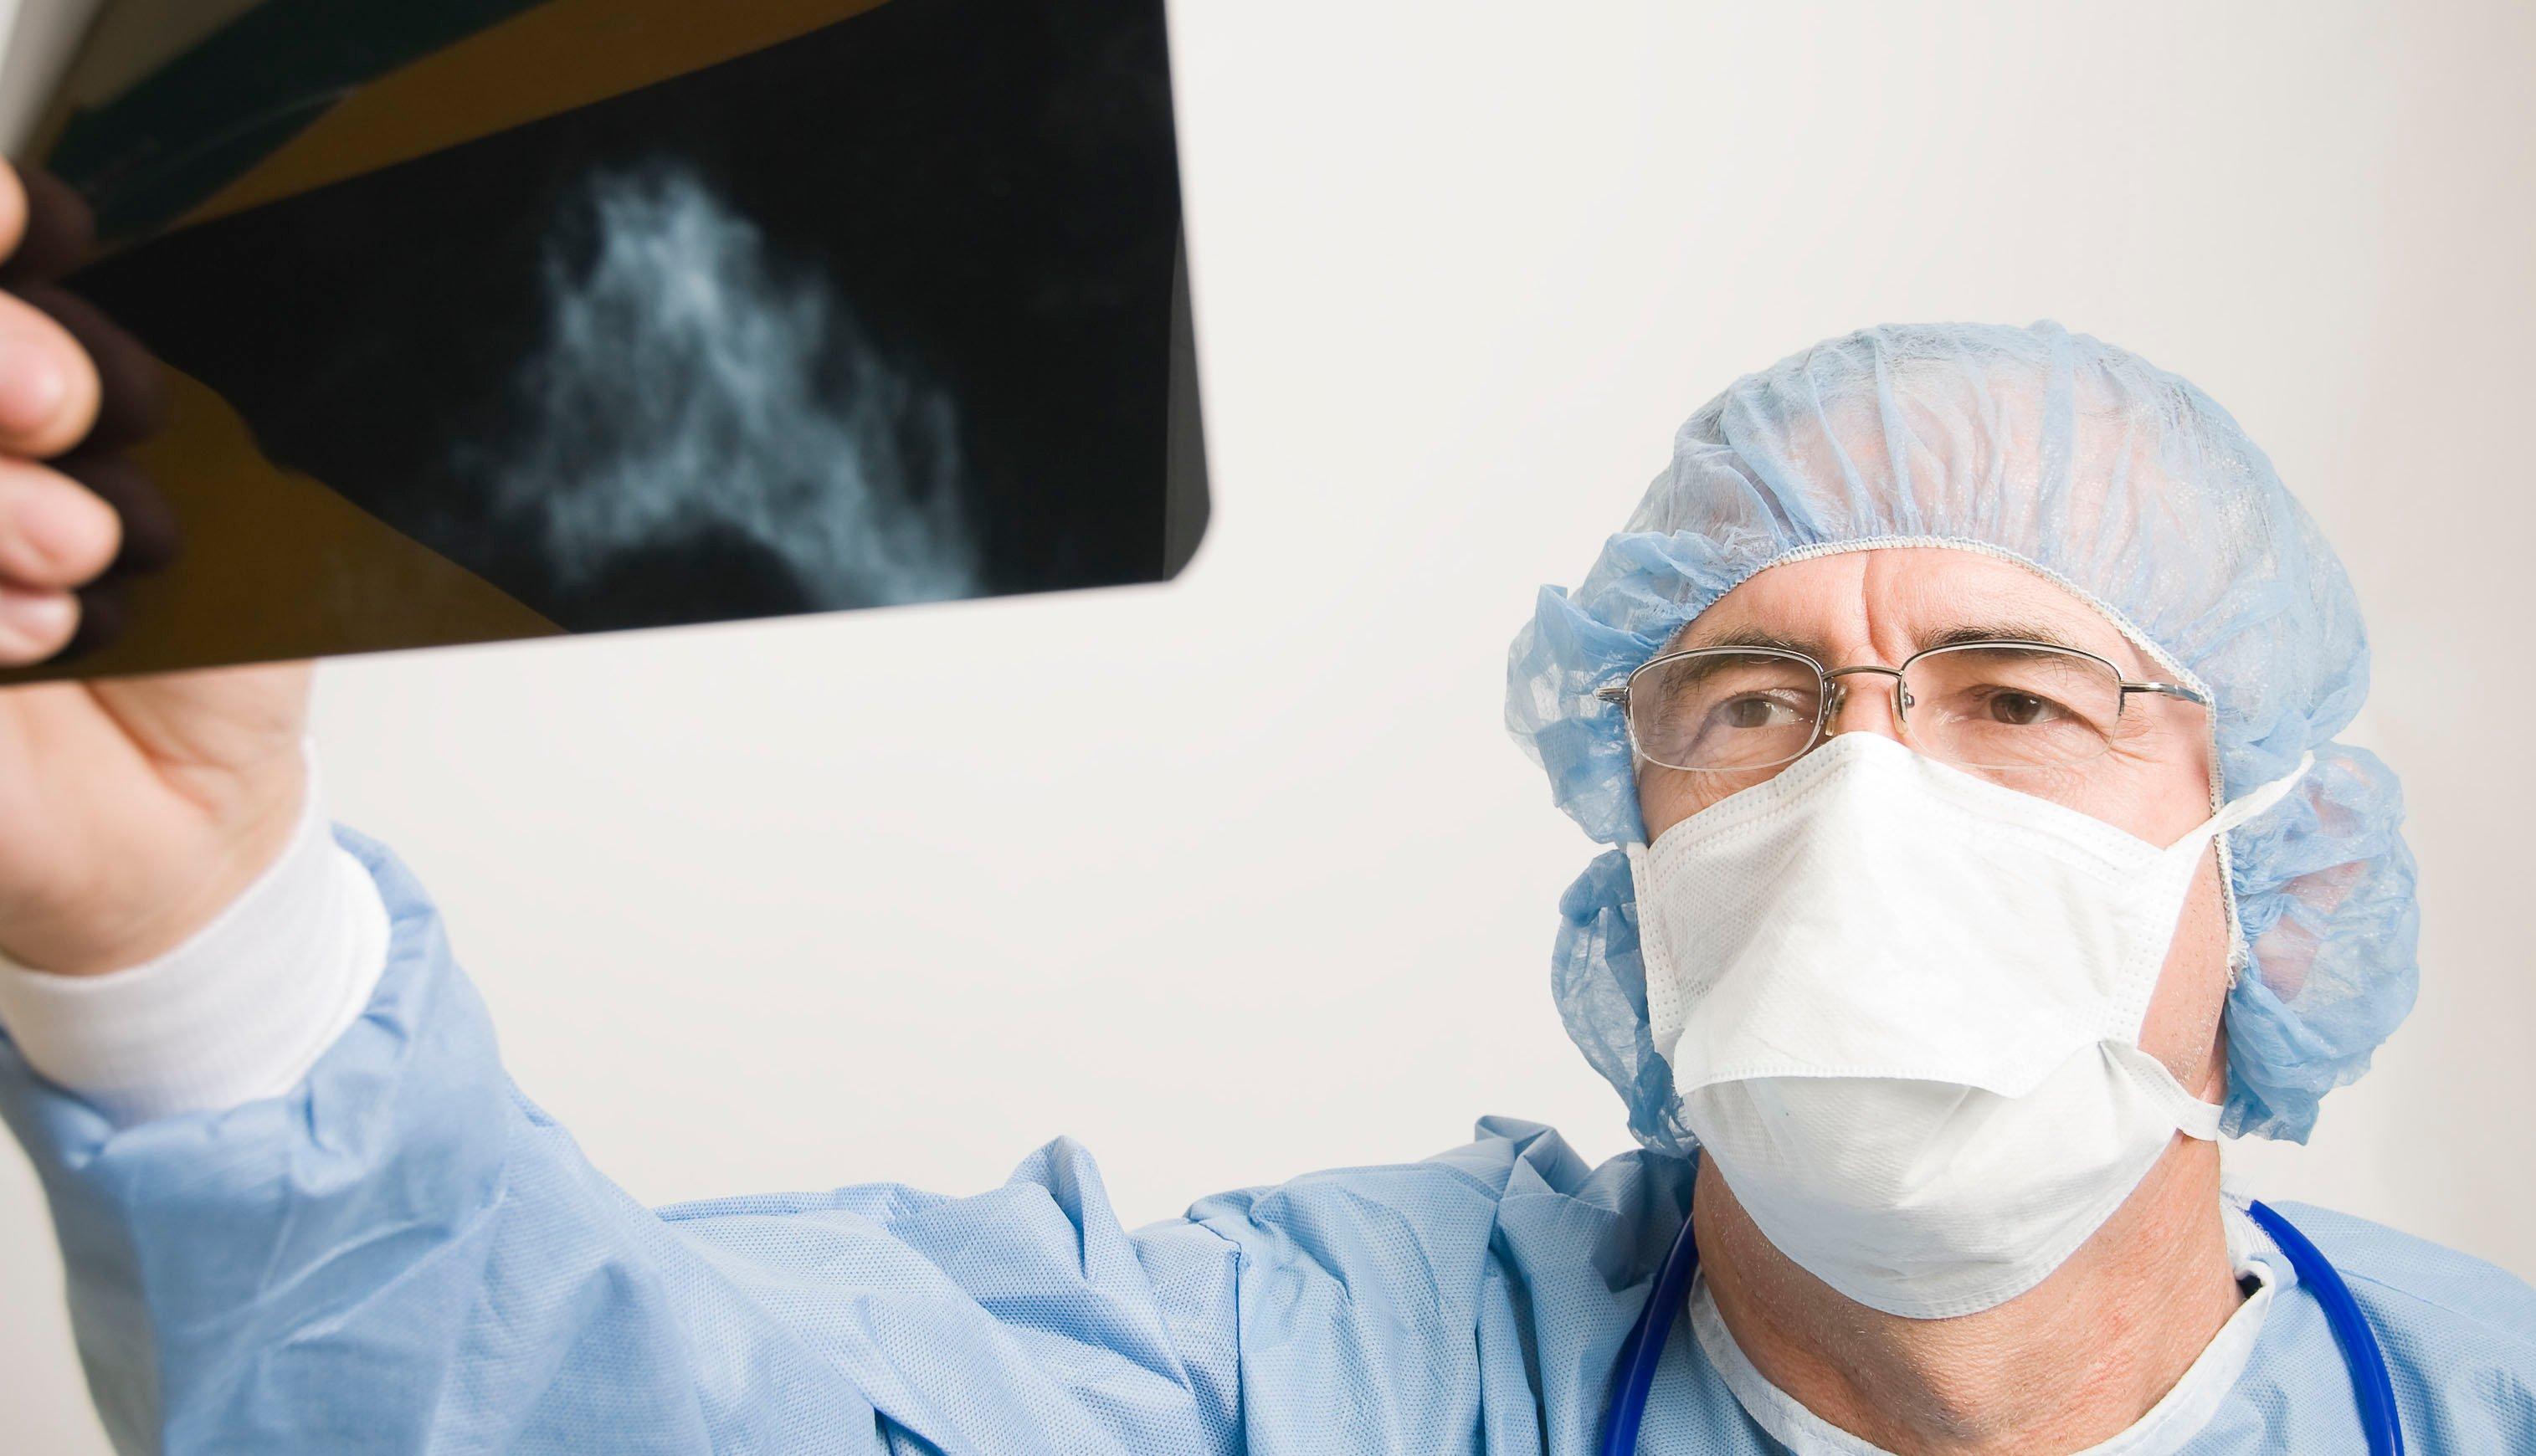 Un doctor observa una radiografía